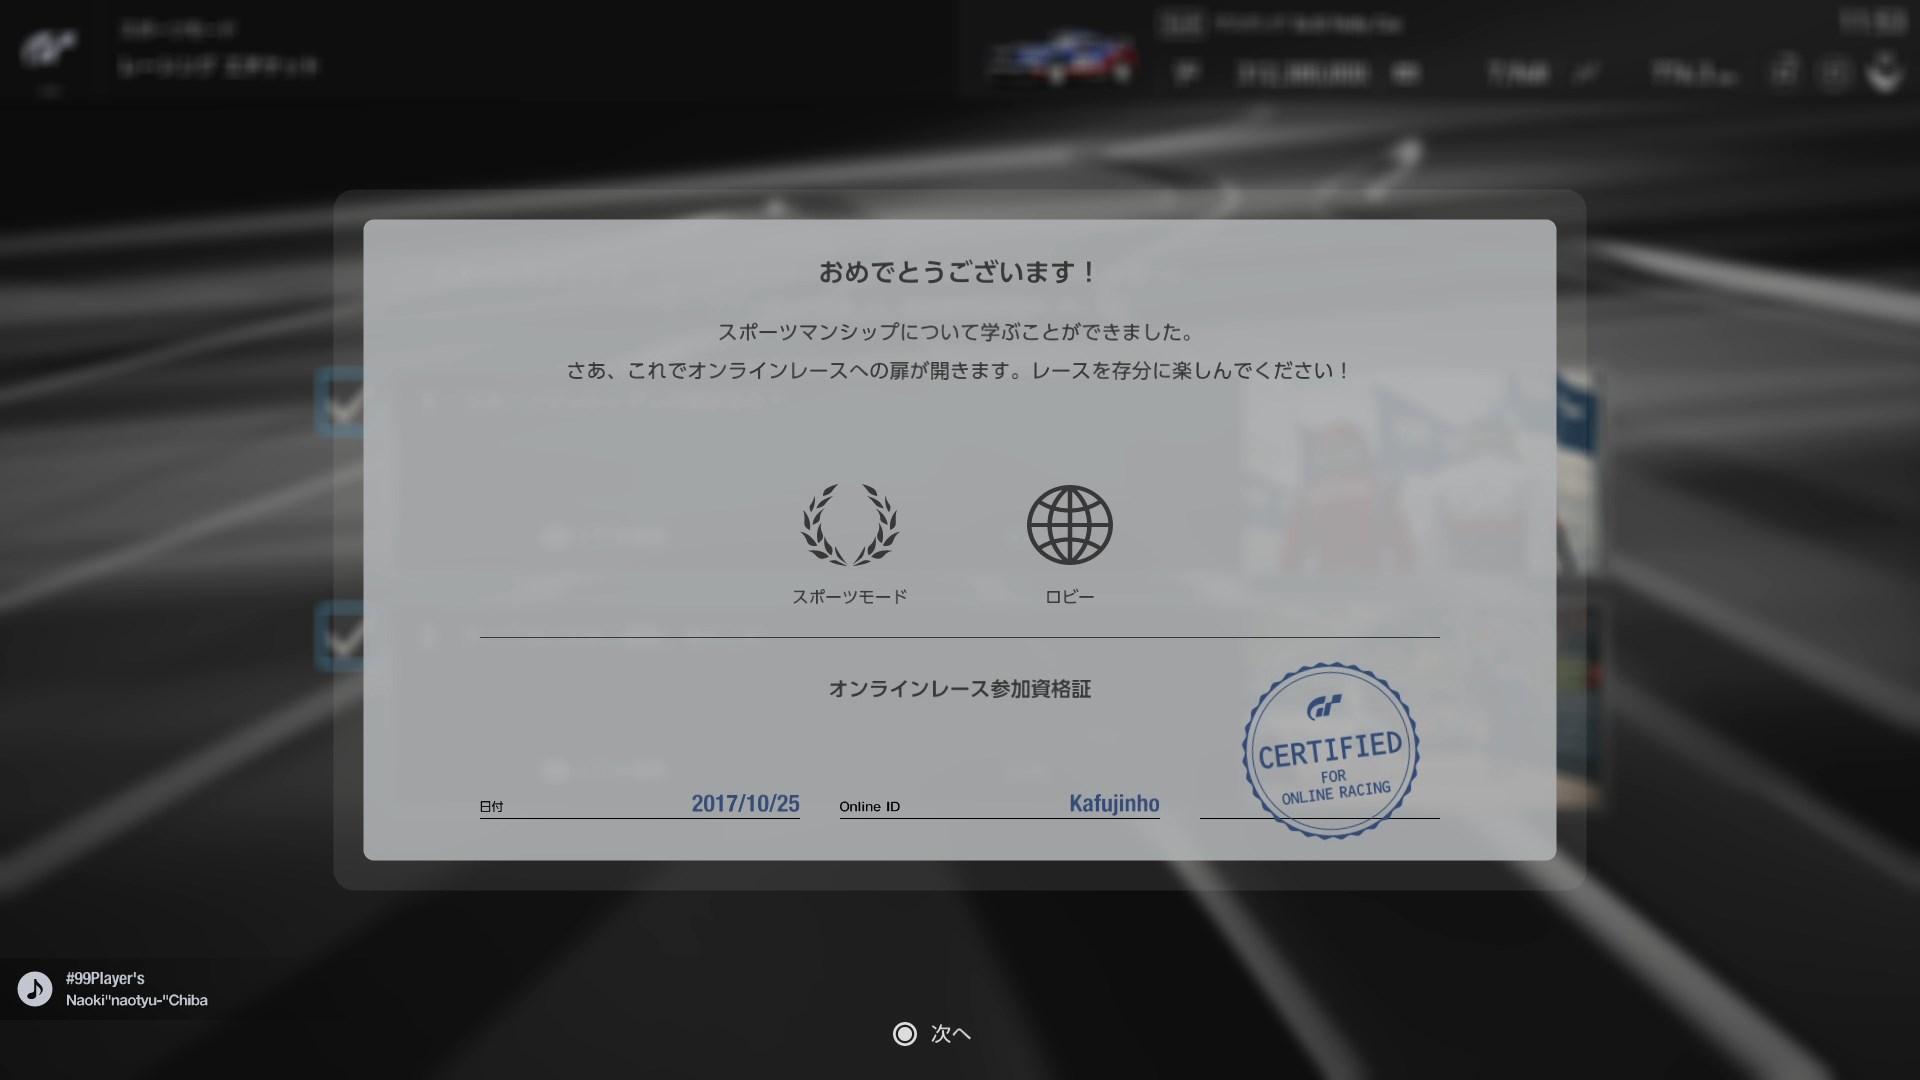 スポーツマンシップについての講習ビデオを見終わると授与されるオンラインレース参加資格証